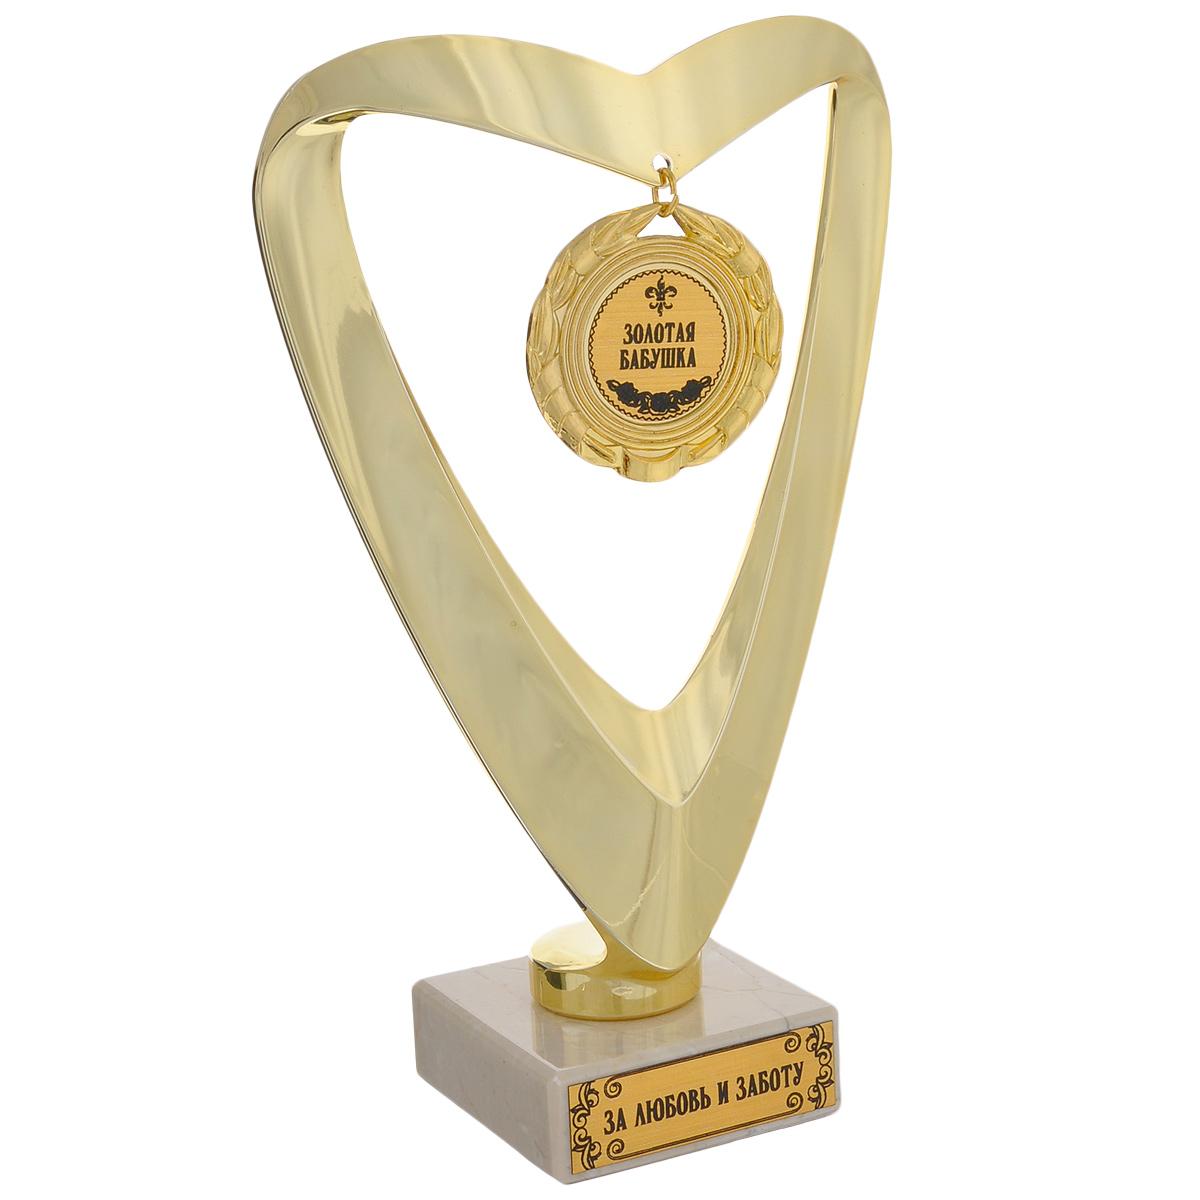 Кубок Сердце. Золотая бабушка, высота 18,5 см030501003Кубок Сердце. Золотая бабушка станет замечательным сувениром. Кубоквыполнен из пластика с золотистым покрытием. Основание изготовлено изискусственного мрамора. Кубок имеет форму сердца, декорированногометаллической подвеской с надписью Золотая бабушка. Основание оформленонадписью За любовь и заботу. Такой кубок обязательно порадует получателя,вызовет улыбку и массу положительных эмоций.